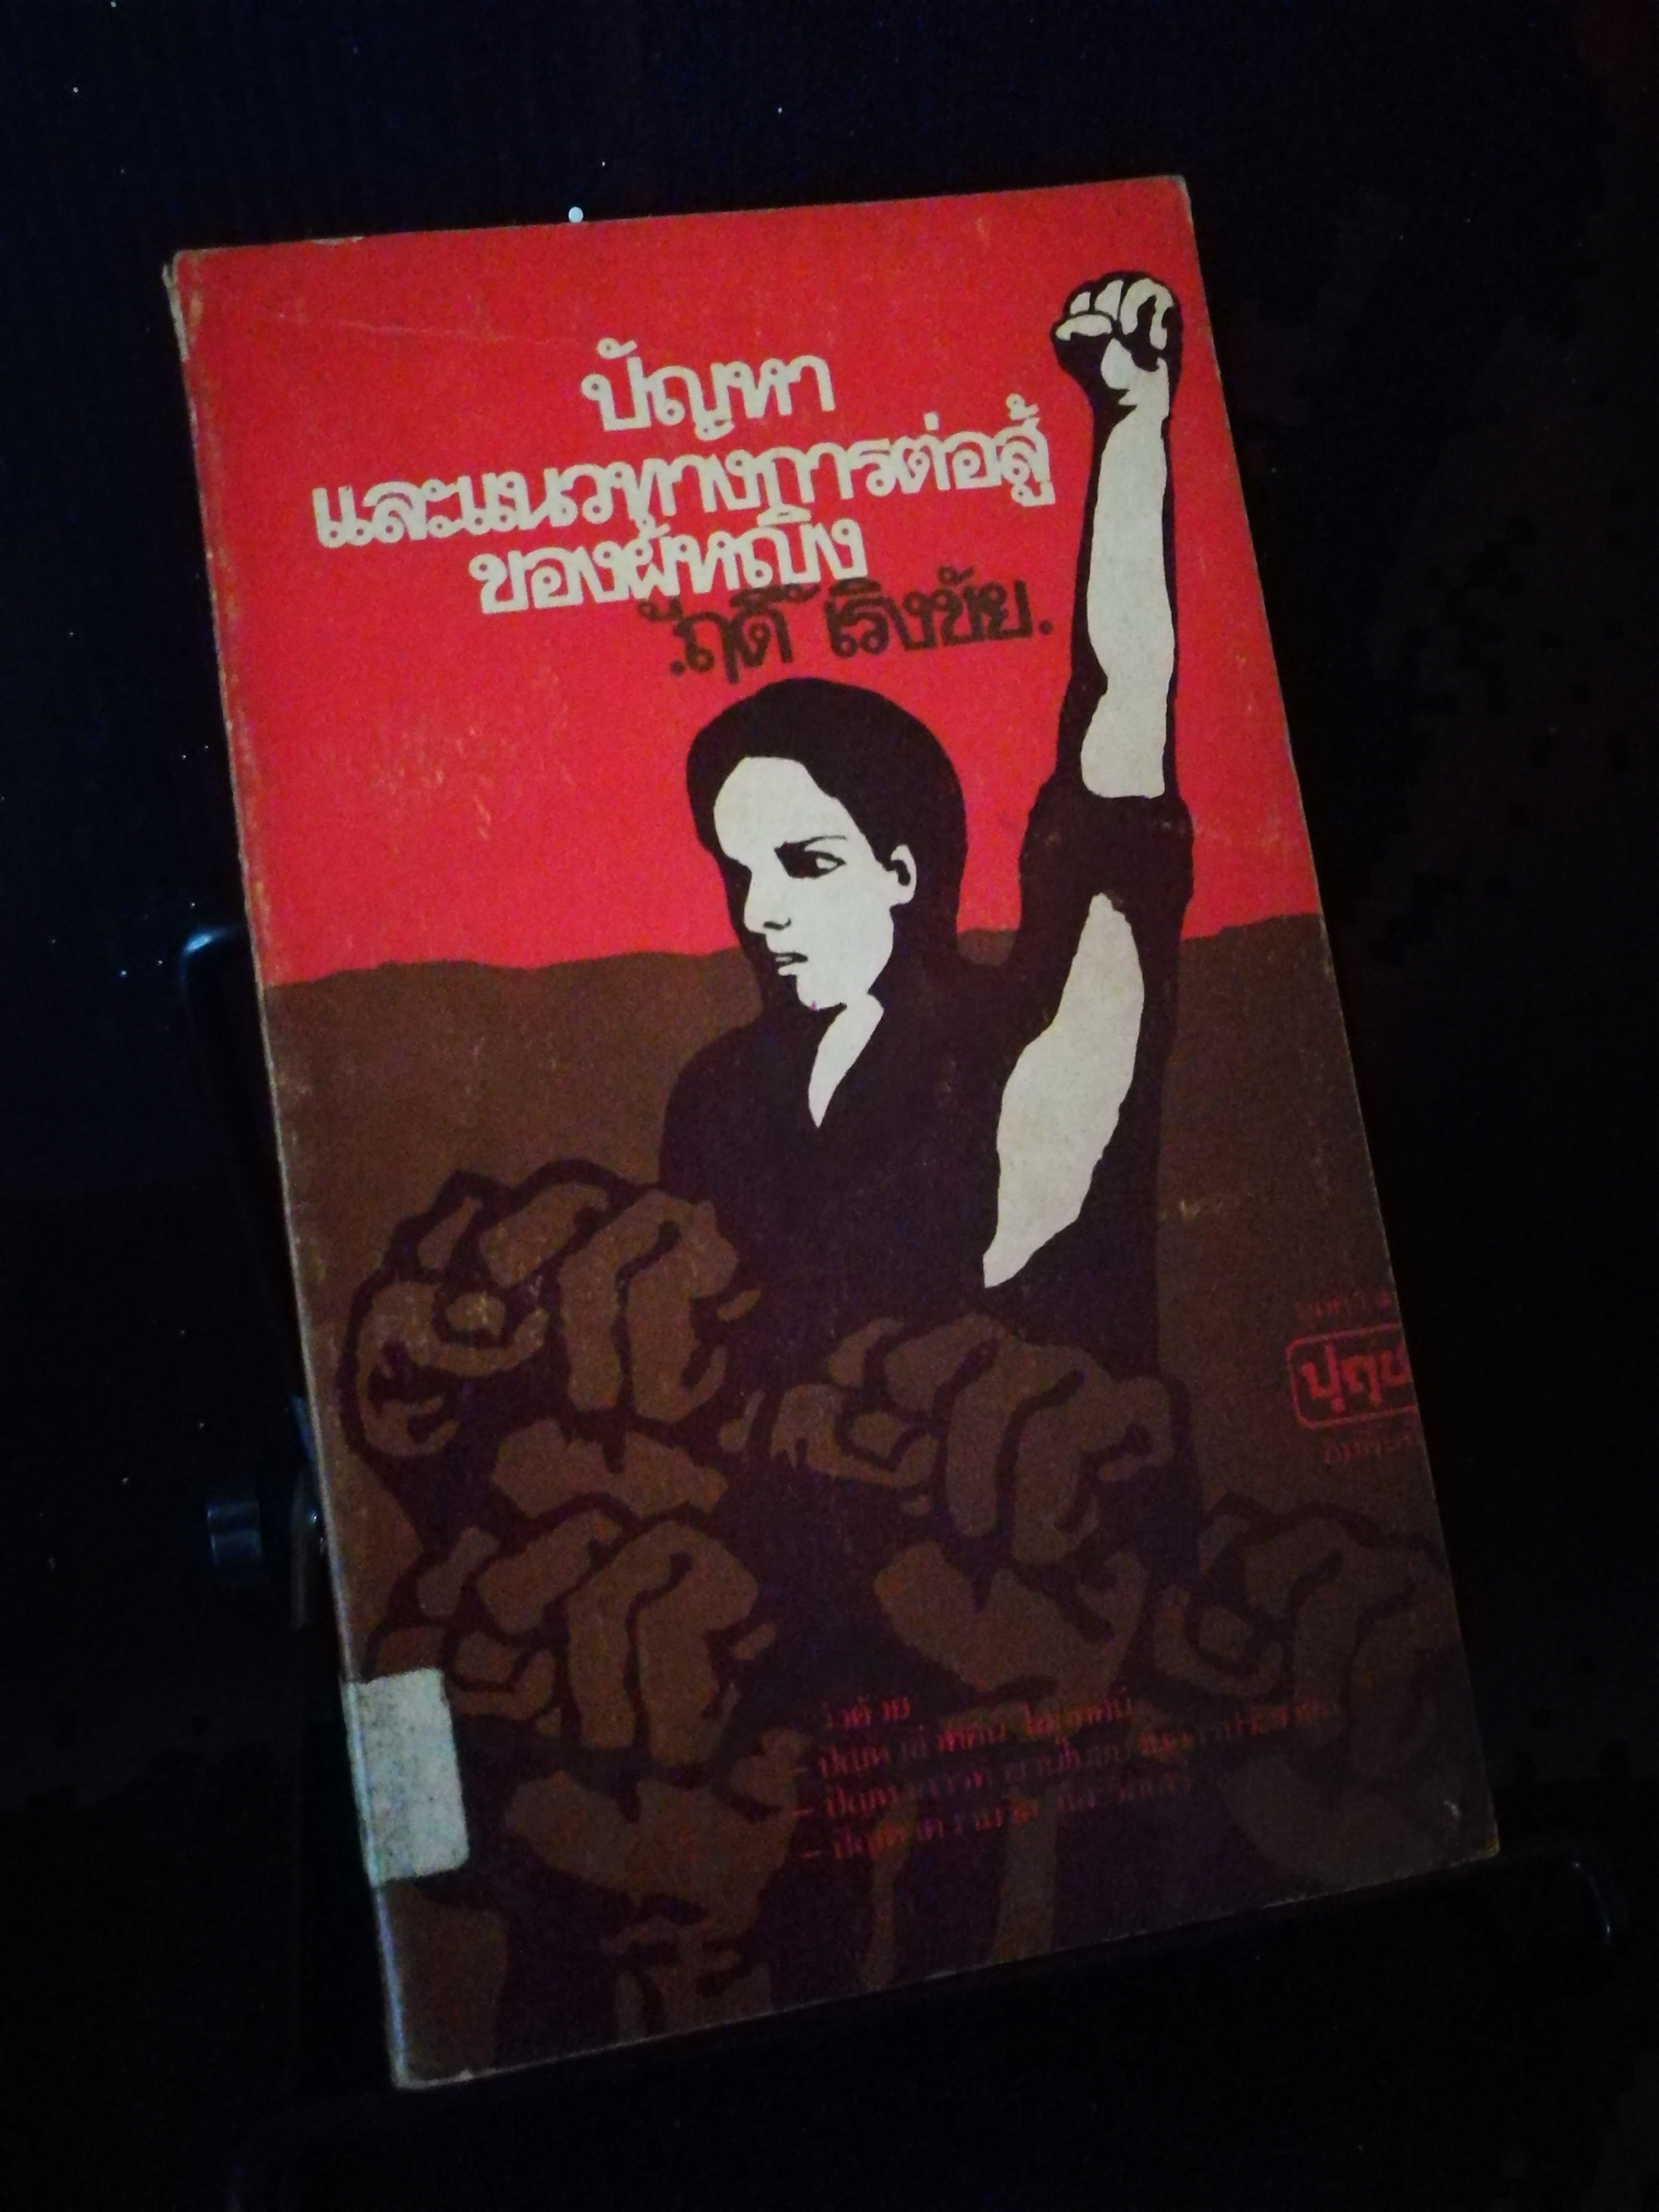 ปัญหาและแนวทางการต่อสู้ของผู้หญิง - หนังสือต้องห้าม